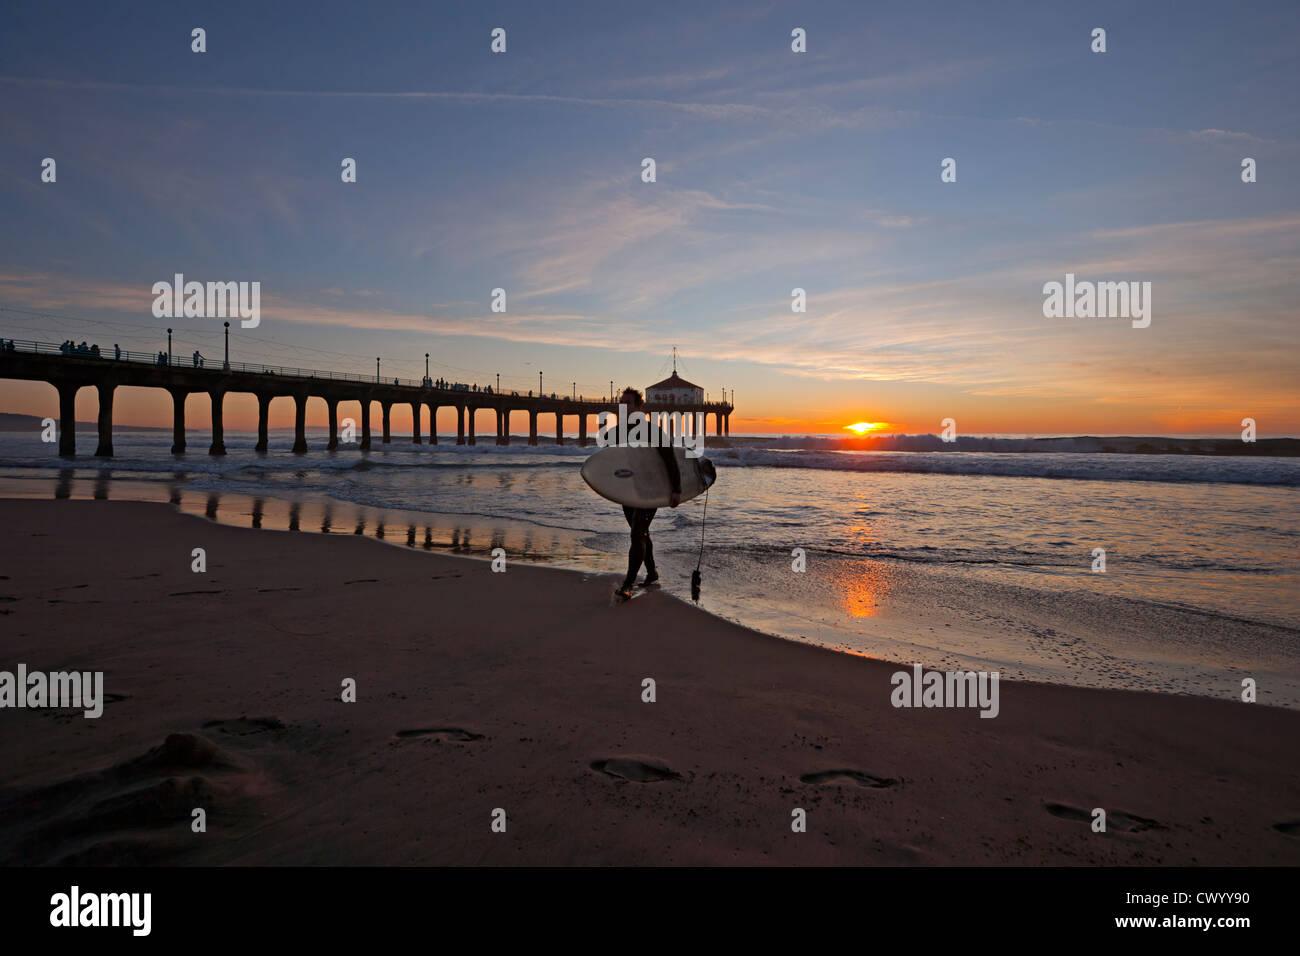 Surfer verlässt das Meer den Pier und den Sonnenuntergang in Manhattan Beach, Kalifornien, USA Stockbild